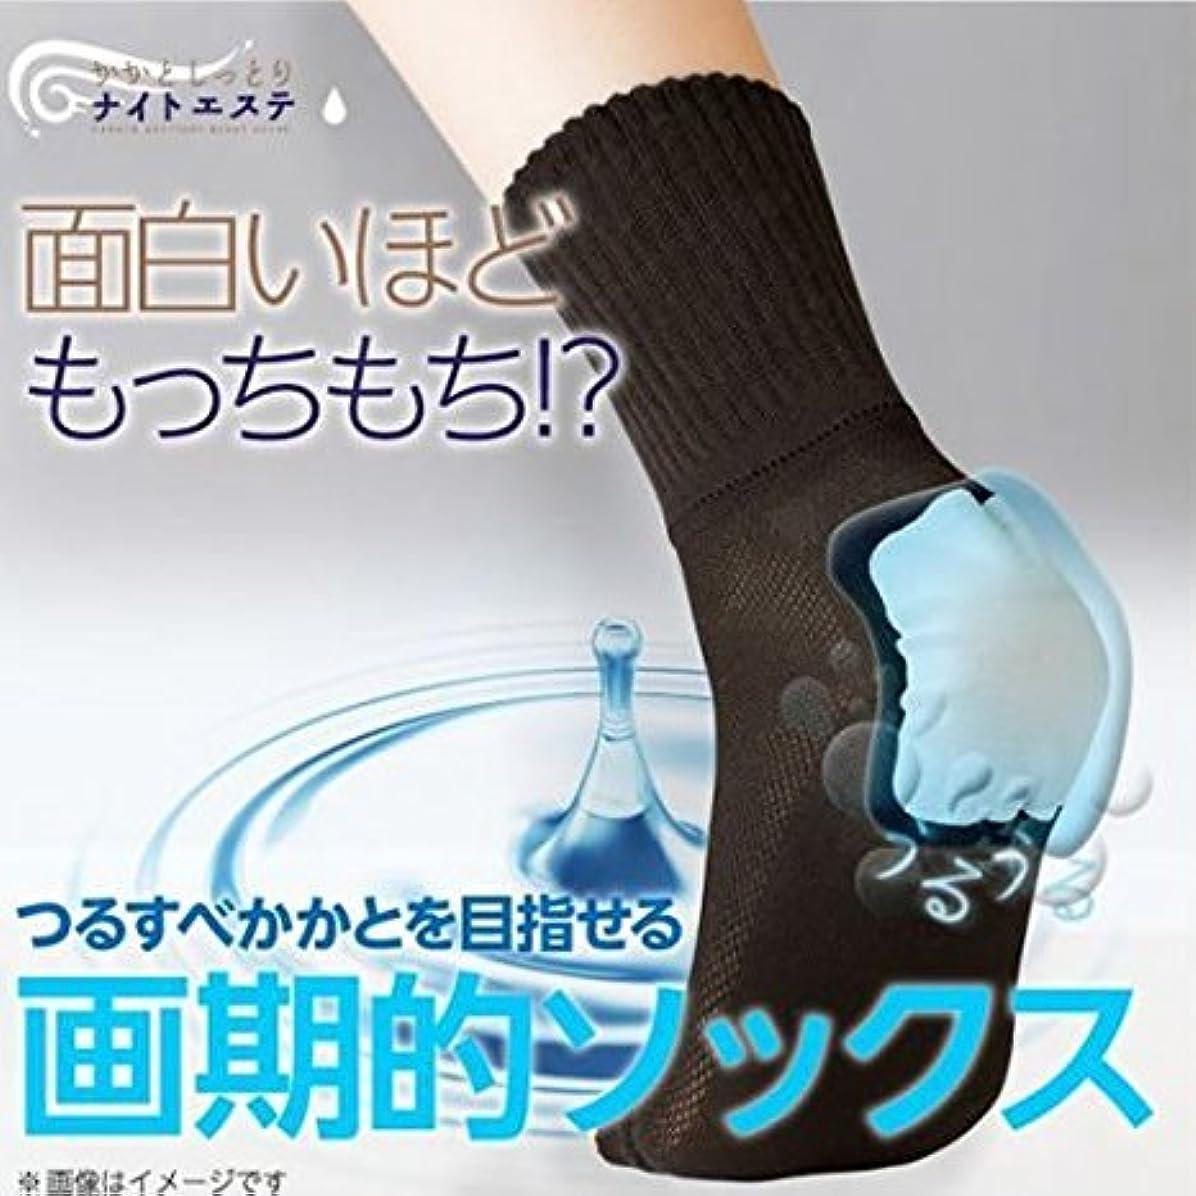 添加ソース結び目特許取得済治療シート採用!『履くだけこっそりナイトエステ』 ガサガサ足、かかとのヒビ割れが気になるなら??